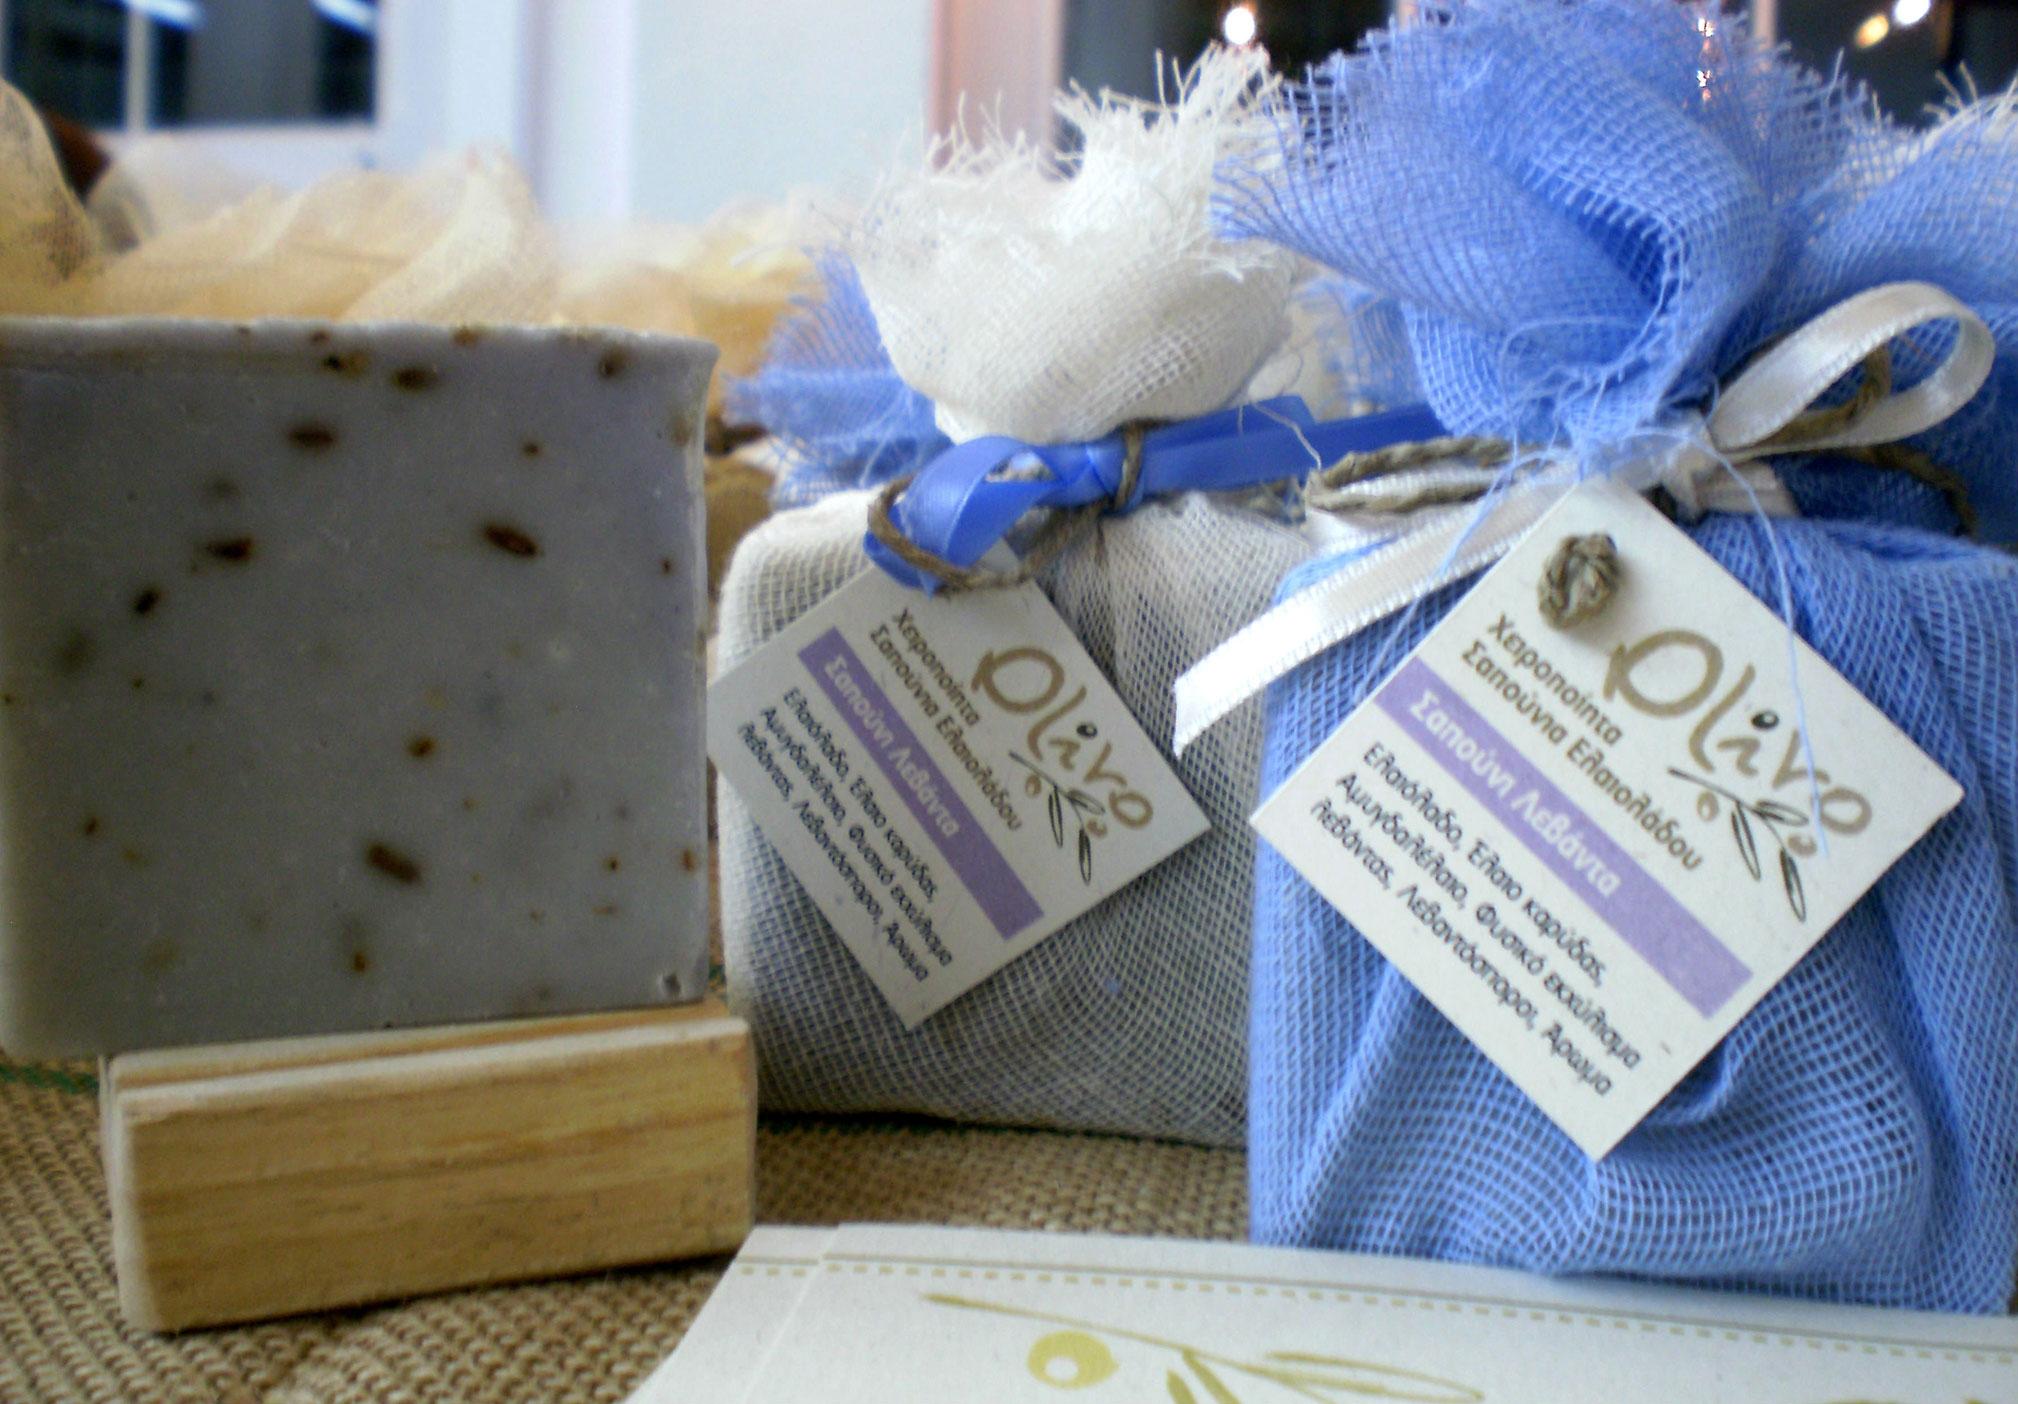 Olivo natural soaps